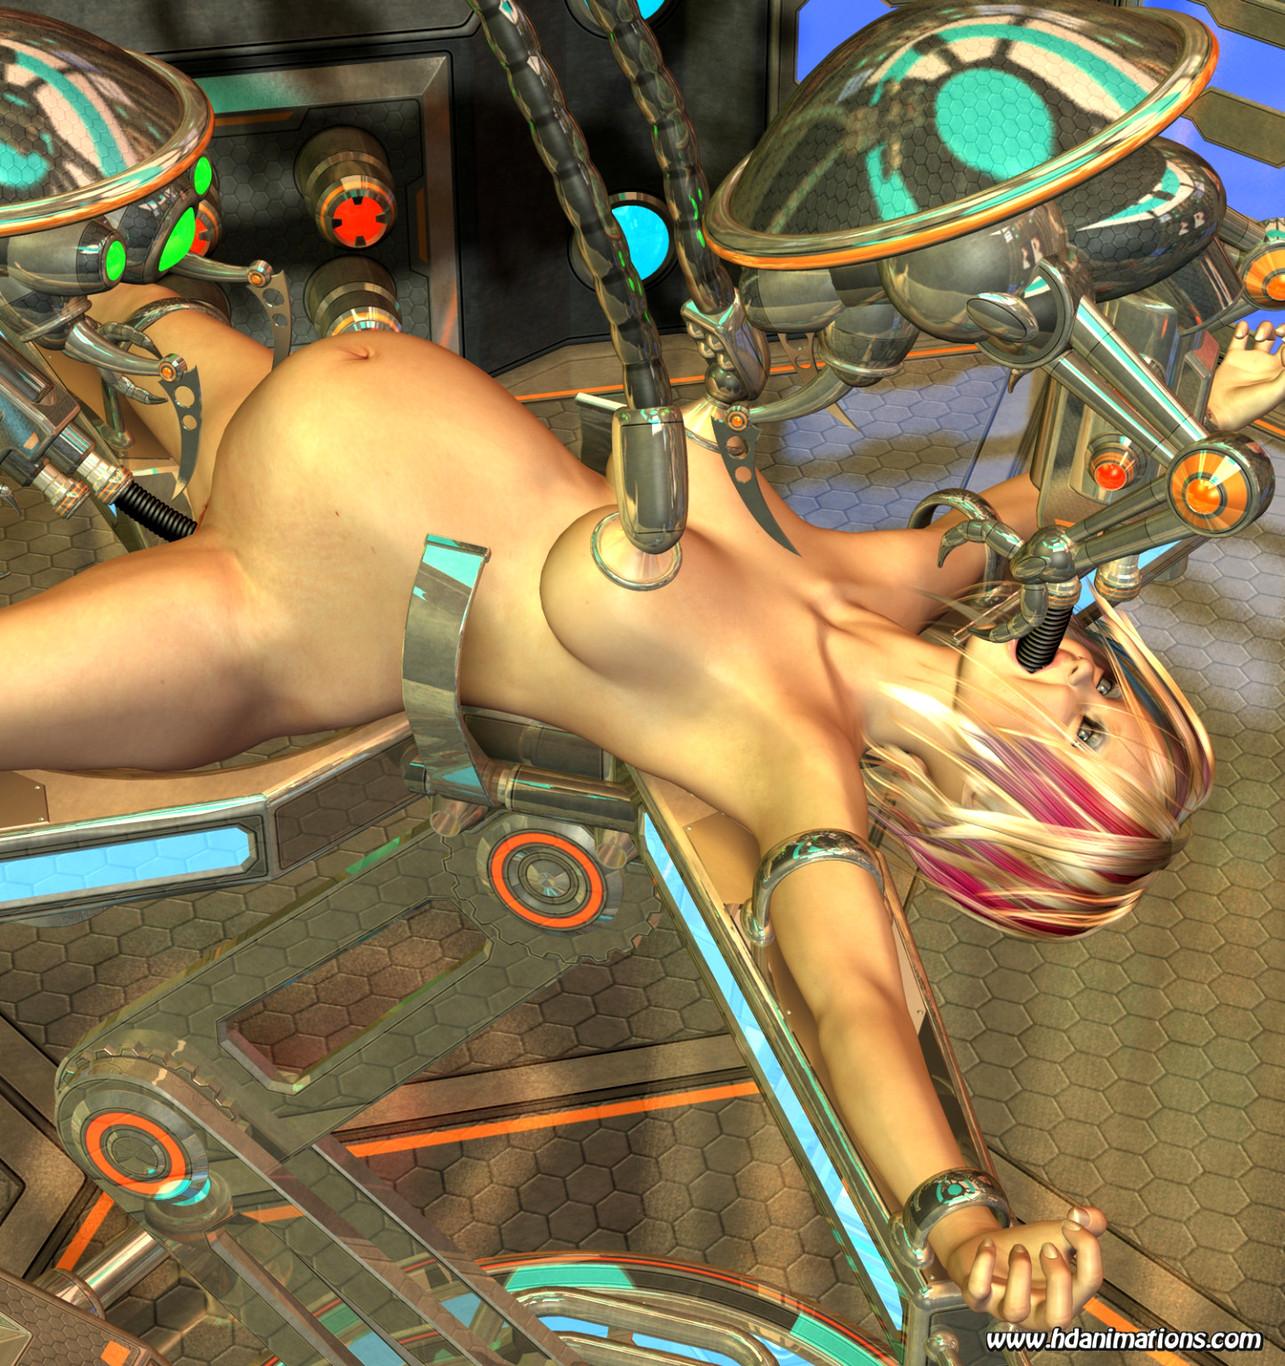 пью, курю, девушка робот секс видео смотреть онлайн фоне